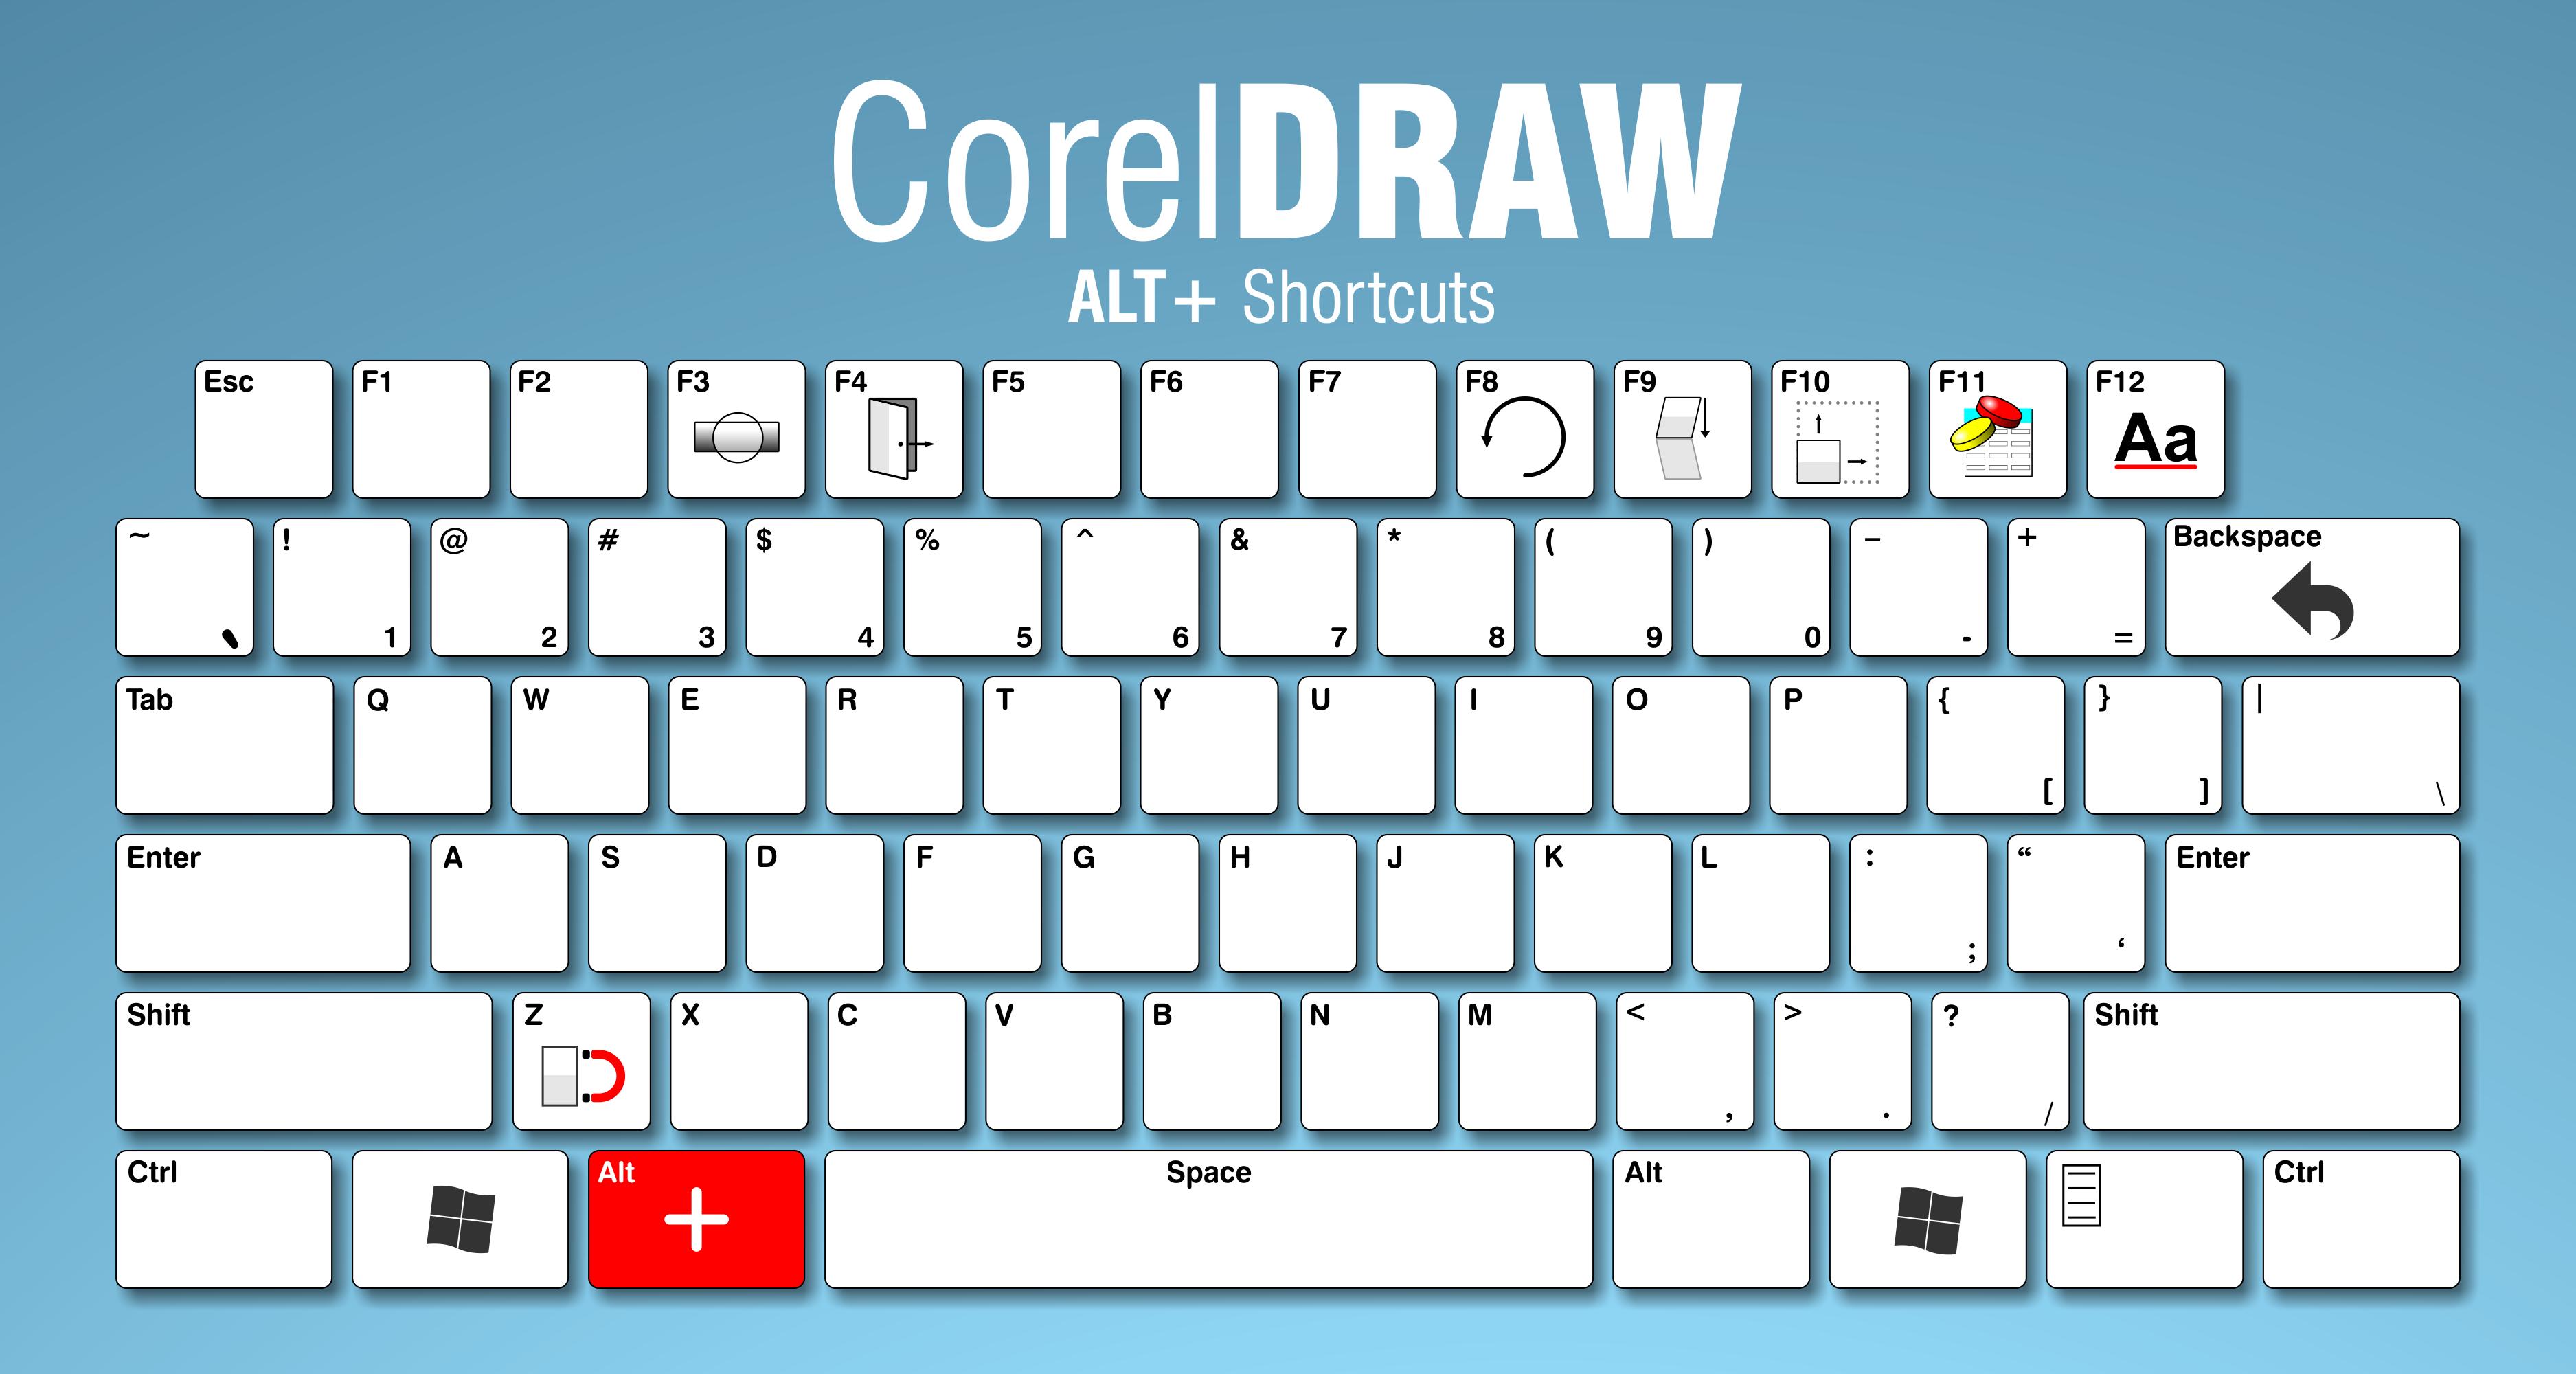 Corel draw 12 shortcut keys pdf free download | Coreldraw